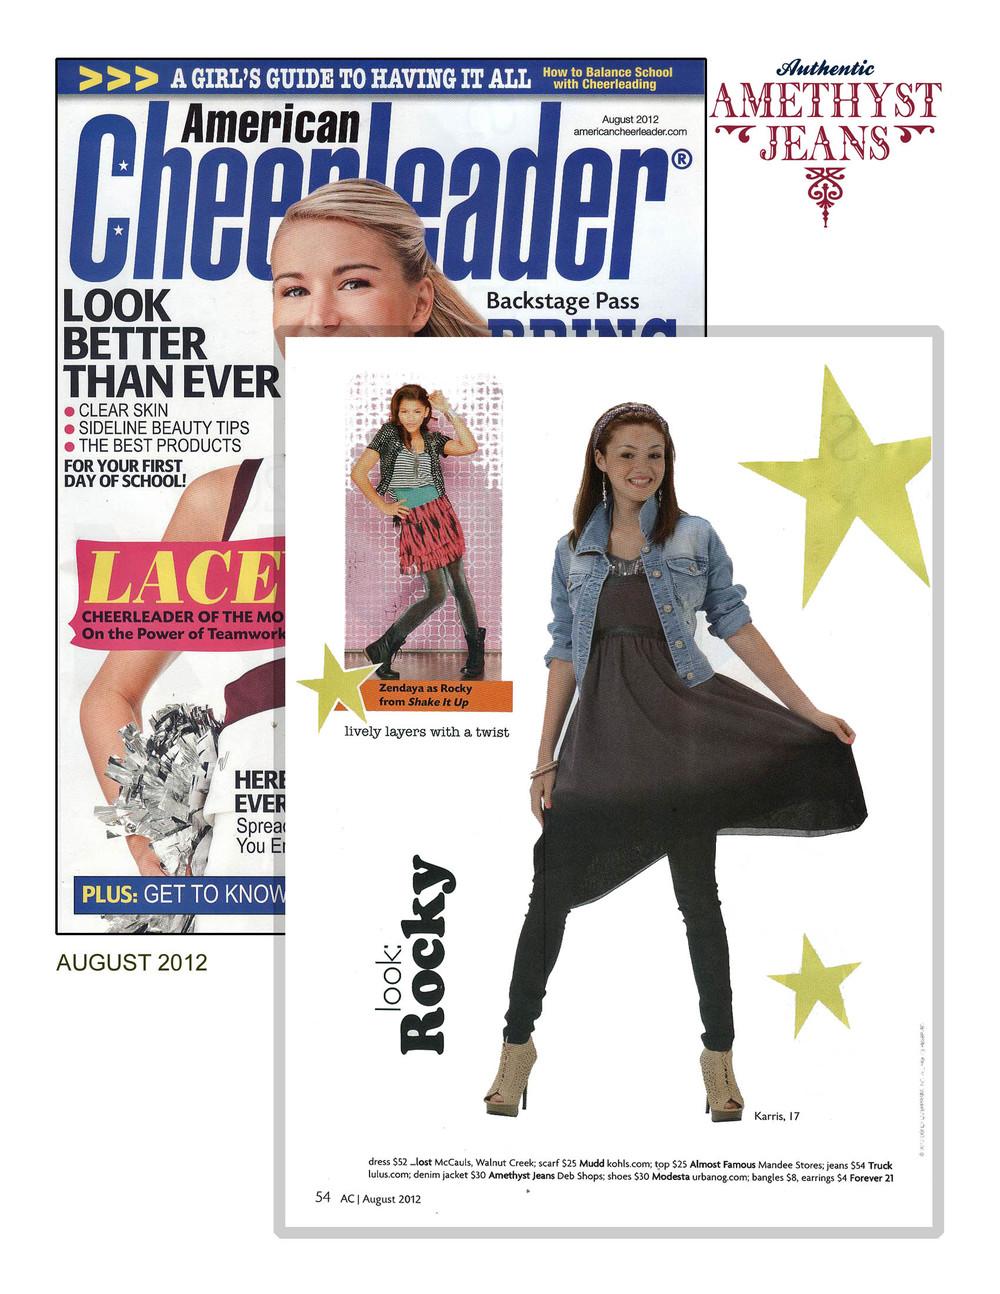 AmericanCheerleader_August2012_Edit5.jpg